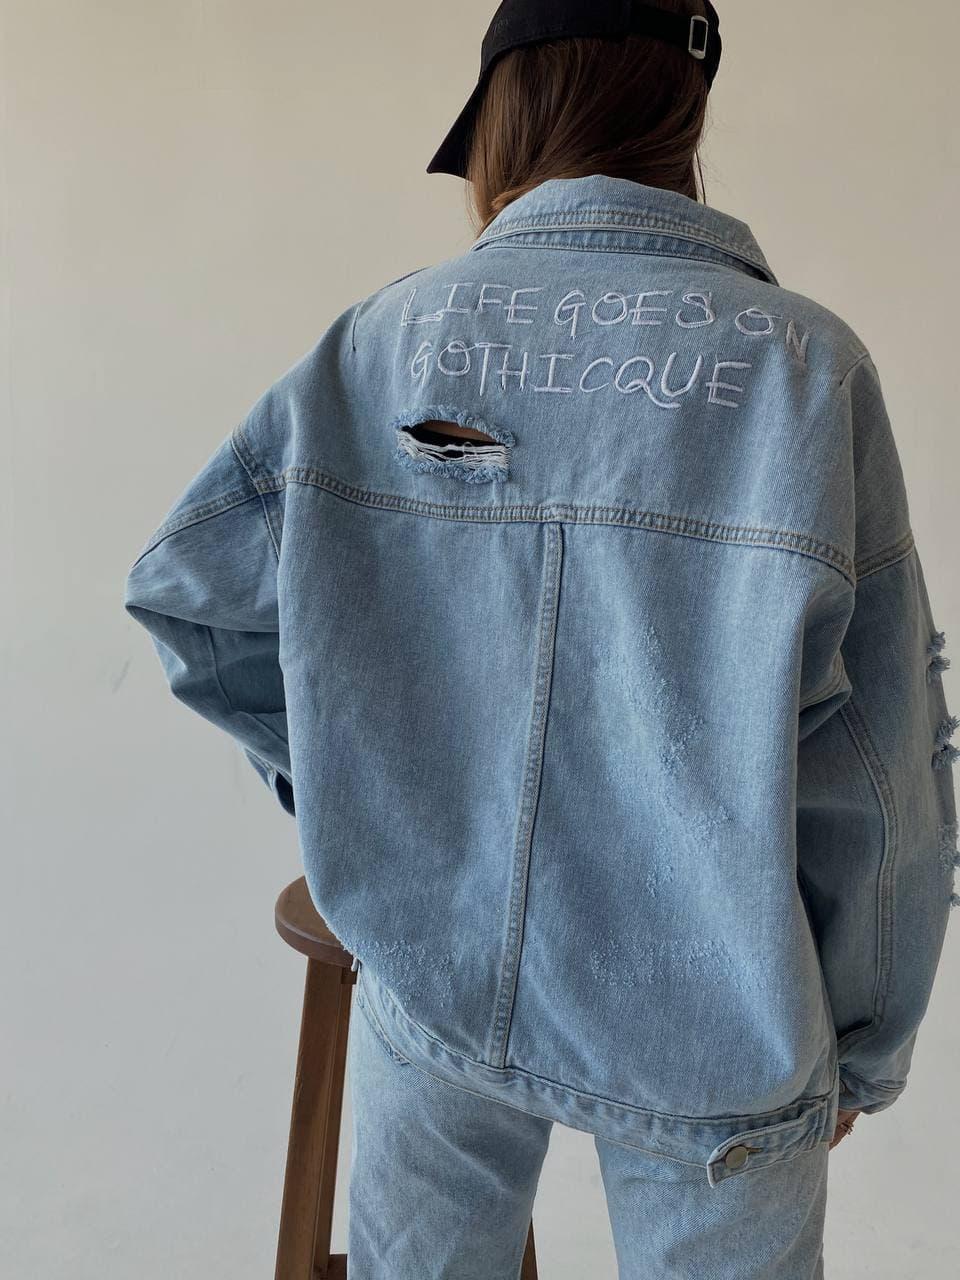 Дуже крута жіноча джинсова куртка з кишенями і написом на осінь